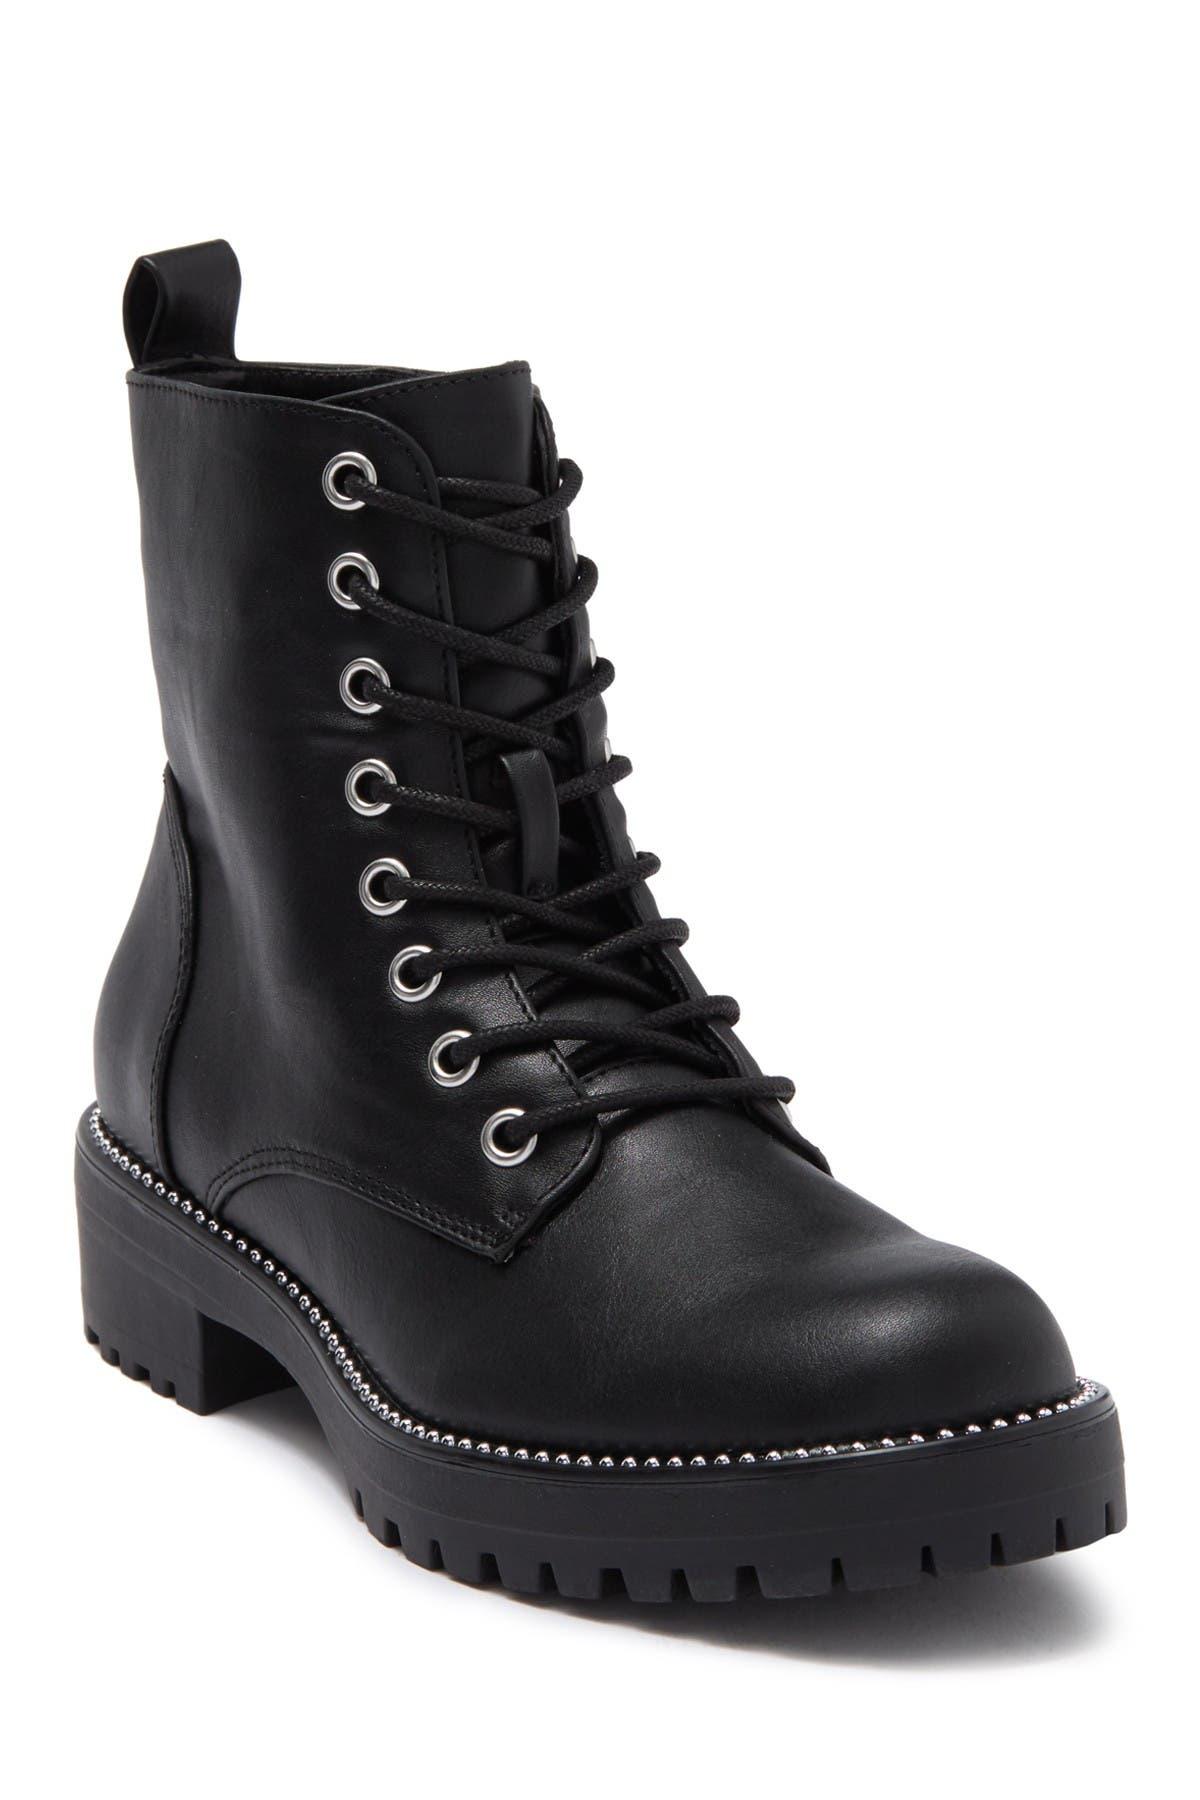 Report | Block Heel Combat Boot